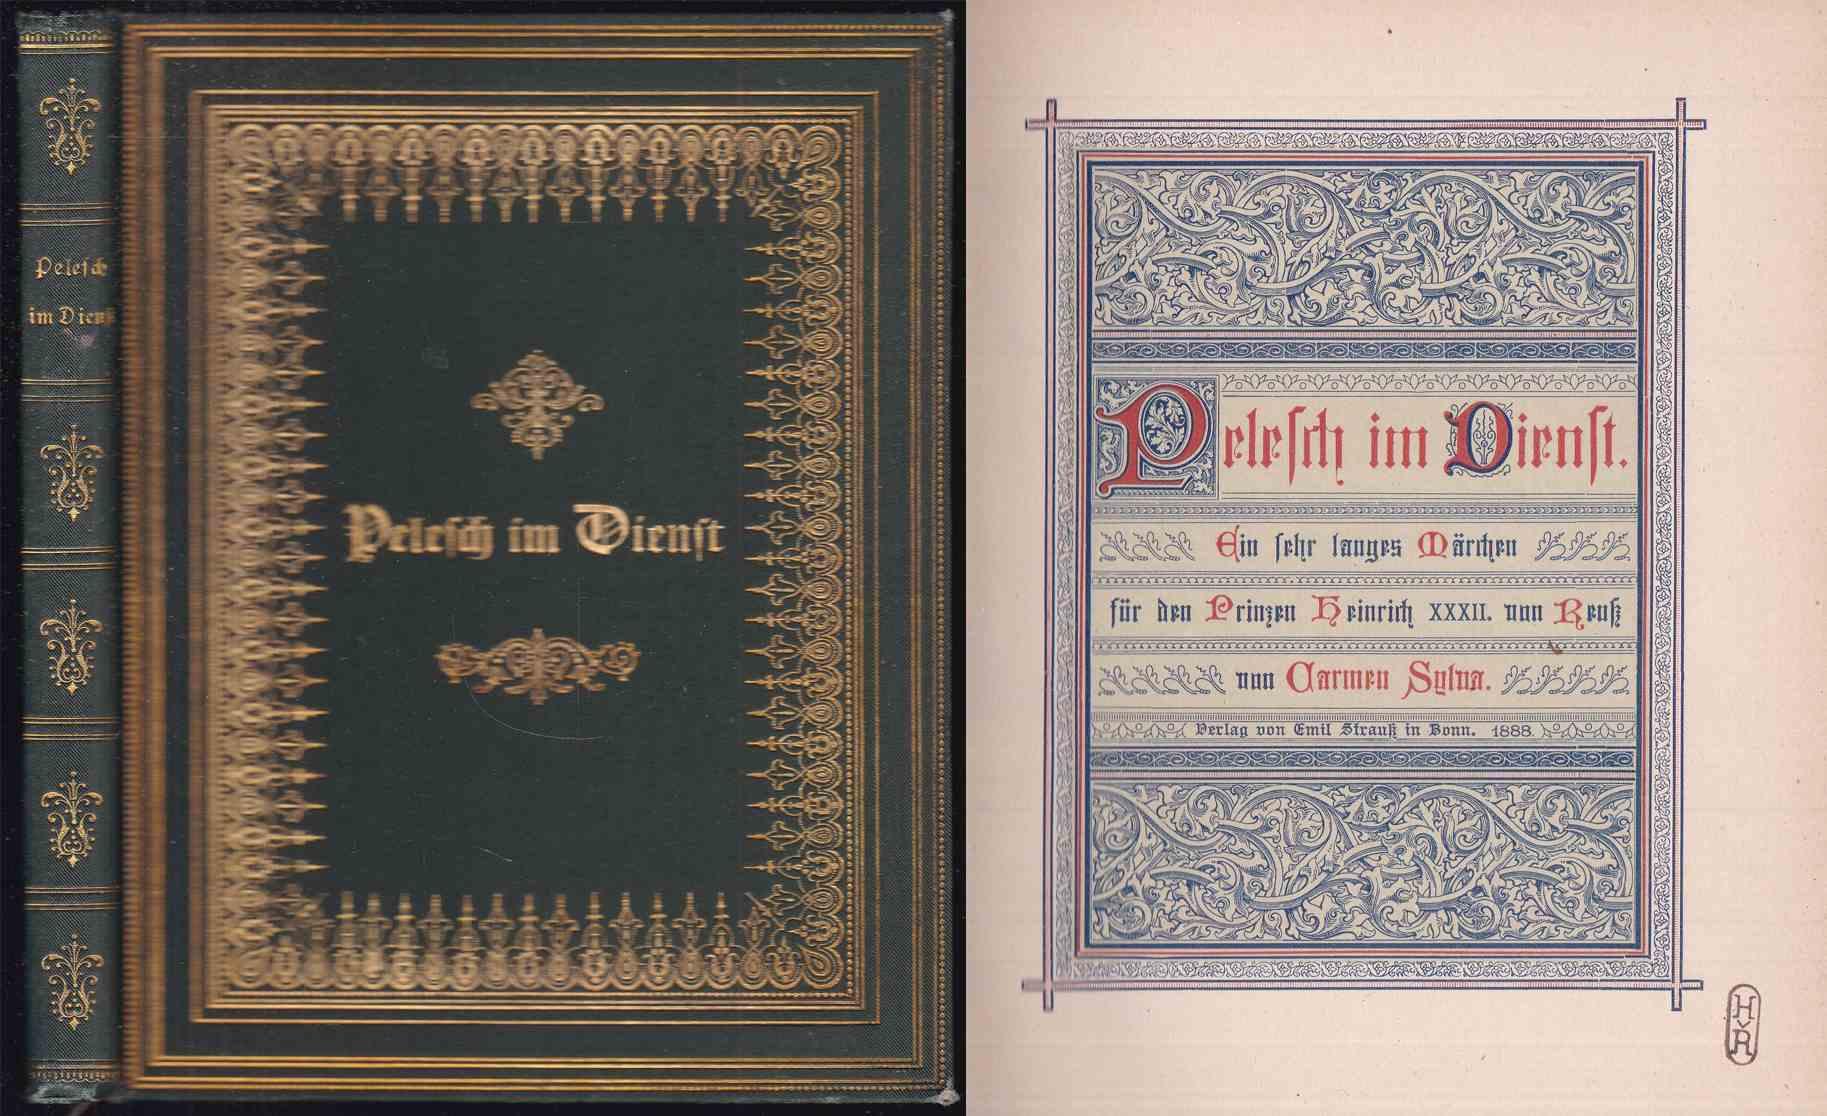 Pelesch im Dienst. Ein sehr langes Märchen für den Prinzen Heinrich XXXII. von Reuß - Sylva, Carmen